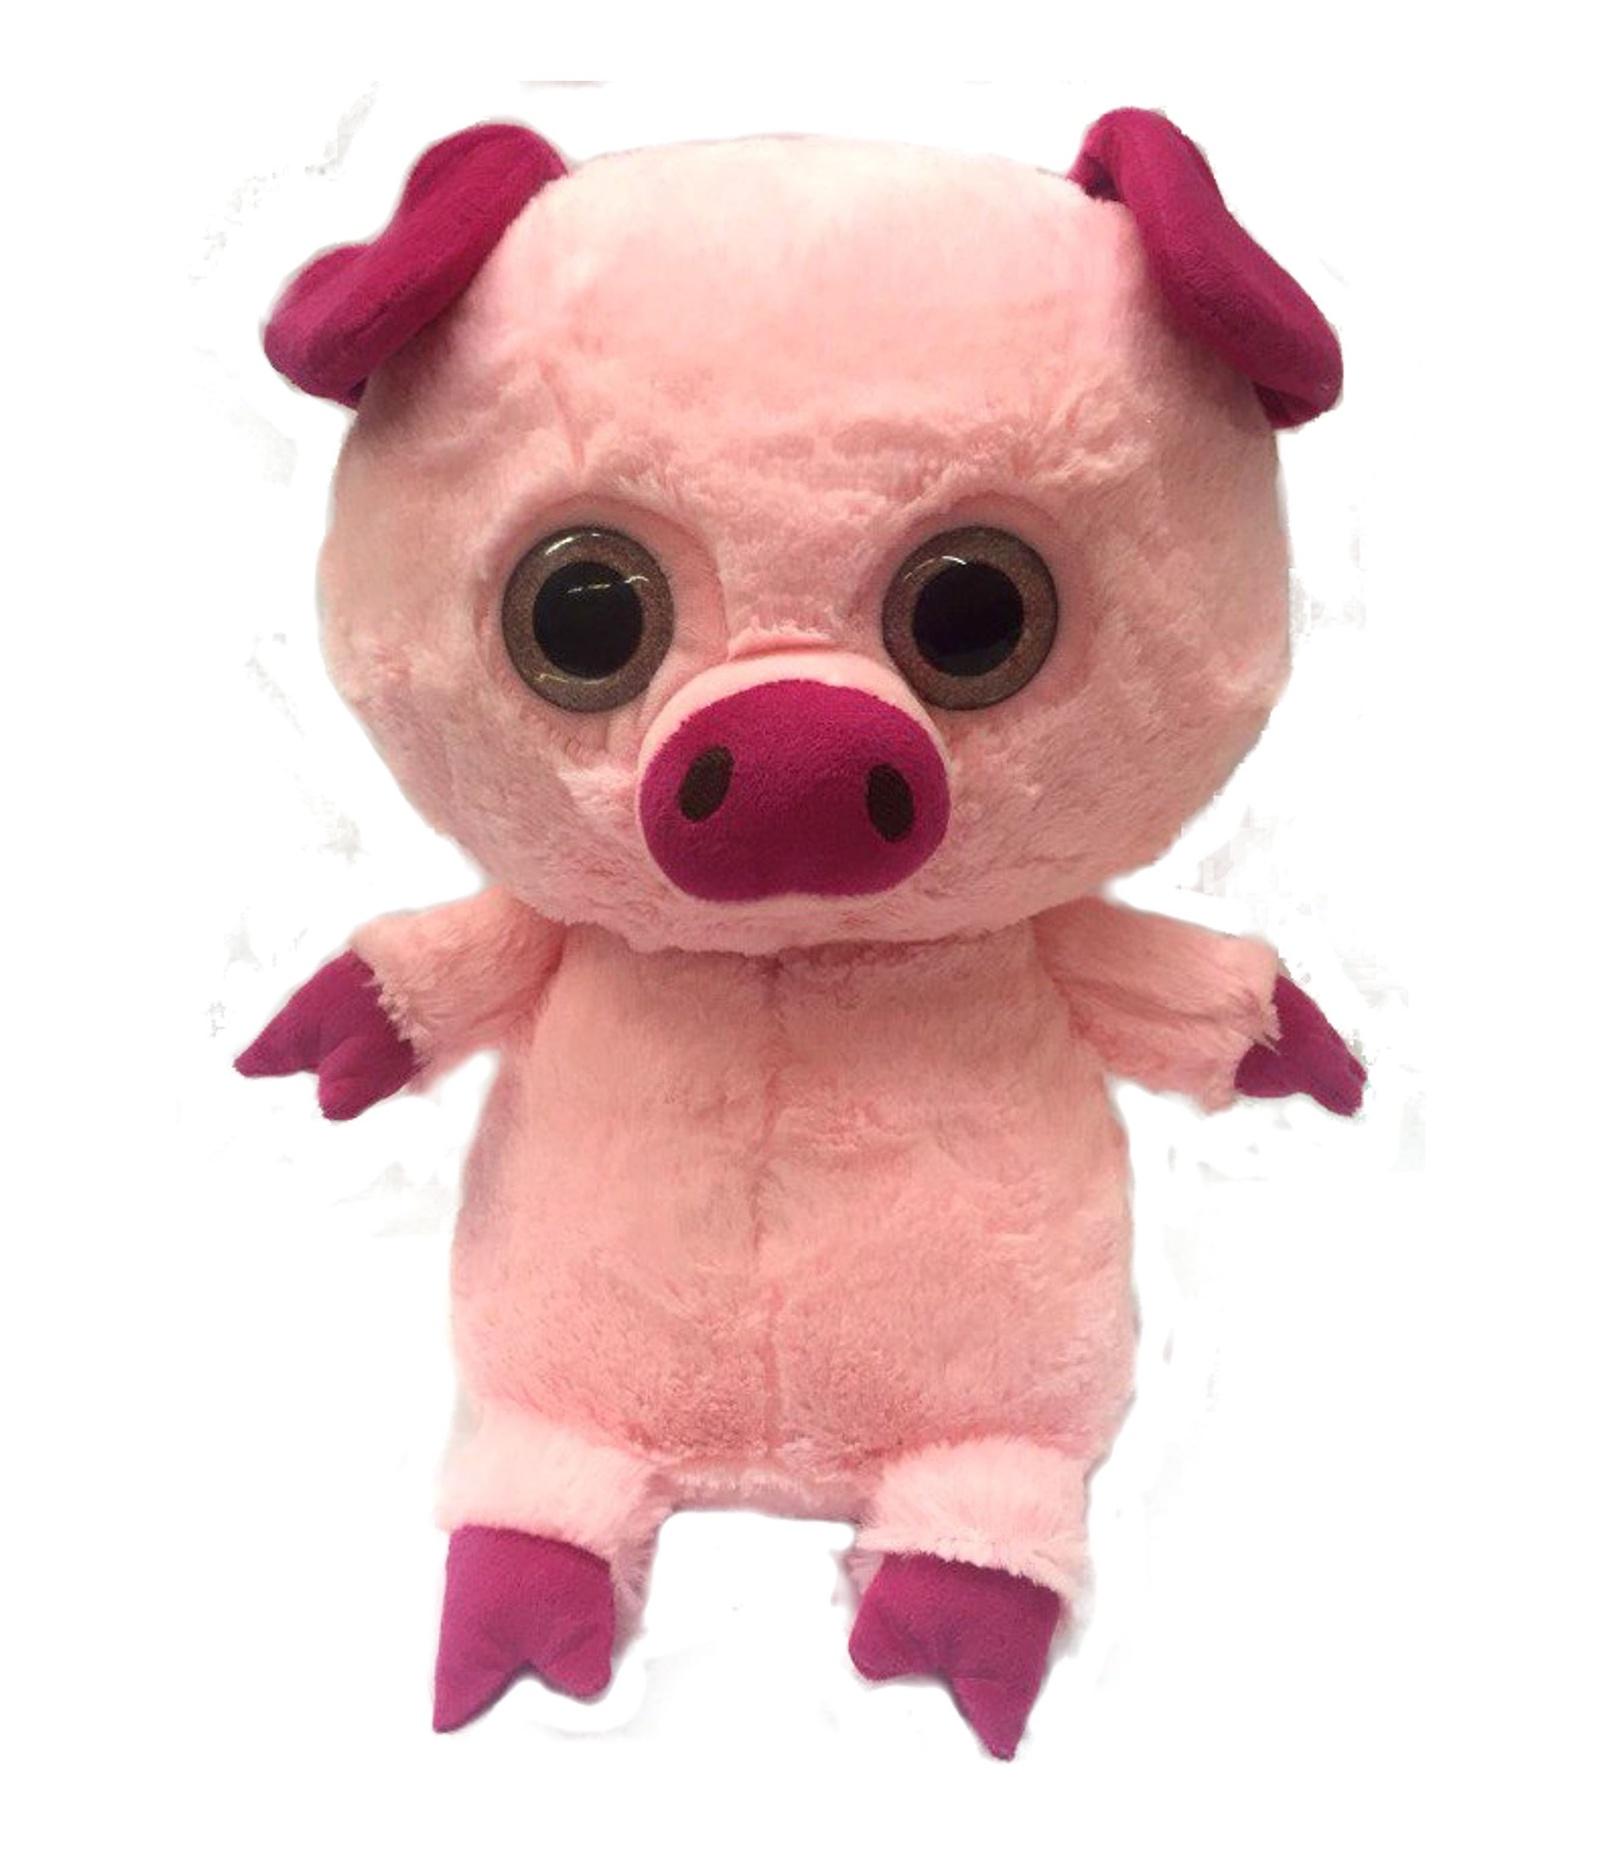 Мягкая игрушка СмолТойс Поросенок-глазастик, 6166/РЗ/29, розовый